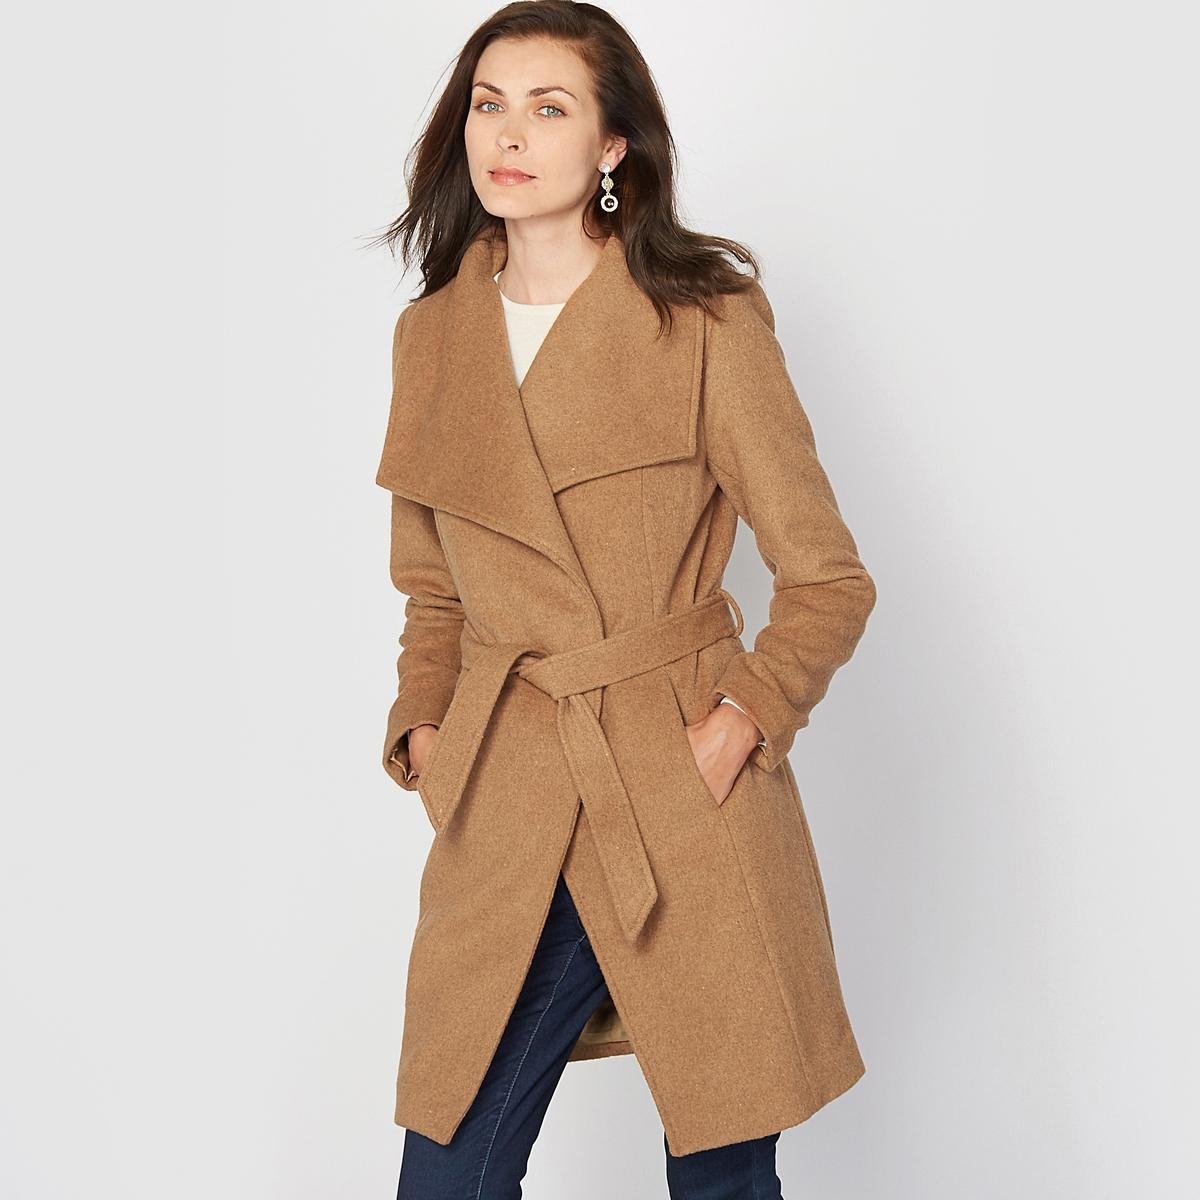 Пальто, 60% шерстиЭлегантное пальто, модное во все времена! Великолепный покрой, отличная форма. Воротник с широкими отворотами. Застежка на завязки на поясе со шлевками. Отрезные детали спереди и сзади. Карманы в боковых разрезах. Расширяющийся к низу покрой в талию спереди и сзади.Состав и описание :Материал : Очень красивый шерстяной драп 60% шерсти, 25% полиэстера, 10% вискозы, 5% других волокон.Подкладка : 100% полиэстера.Длина 85 см.Марка : Anne WeyburnУход :Сухая (химическая) чистка. Гладить при умеренной температуре.<br><br>Цвет: темно-бежевый